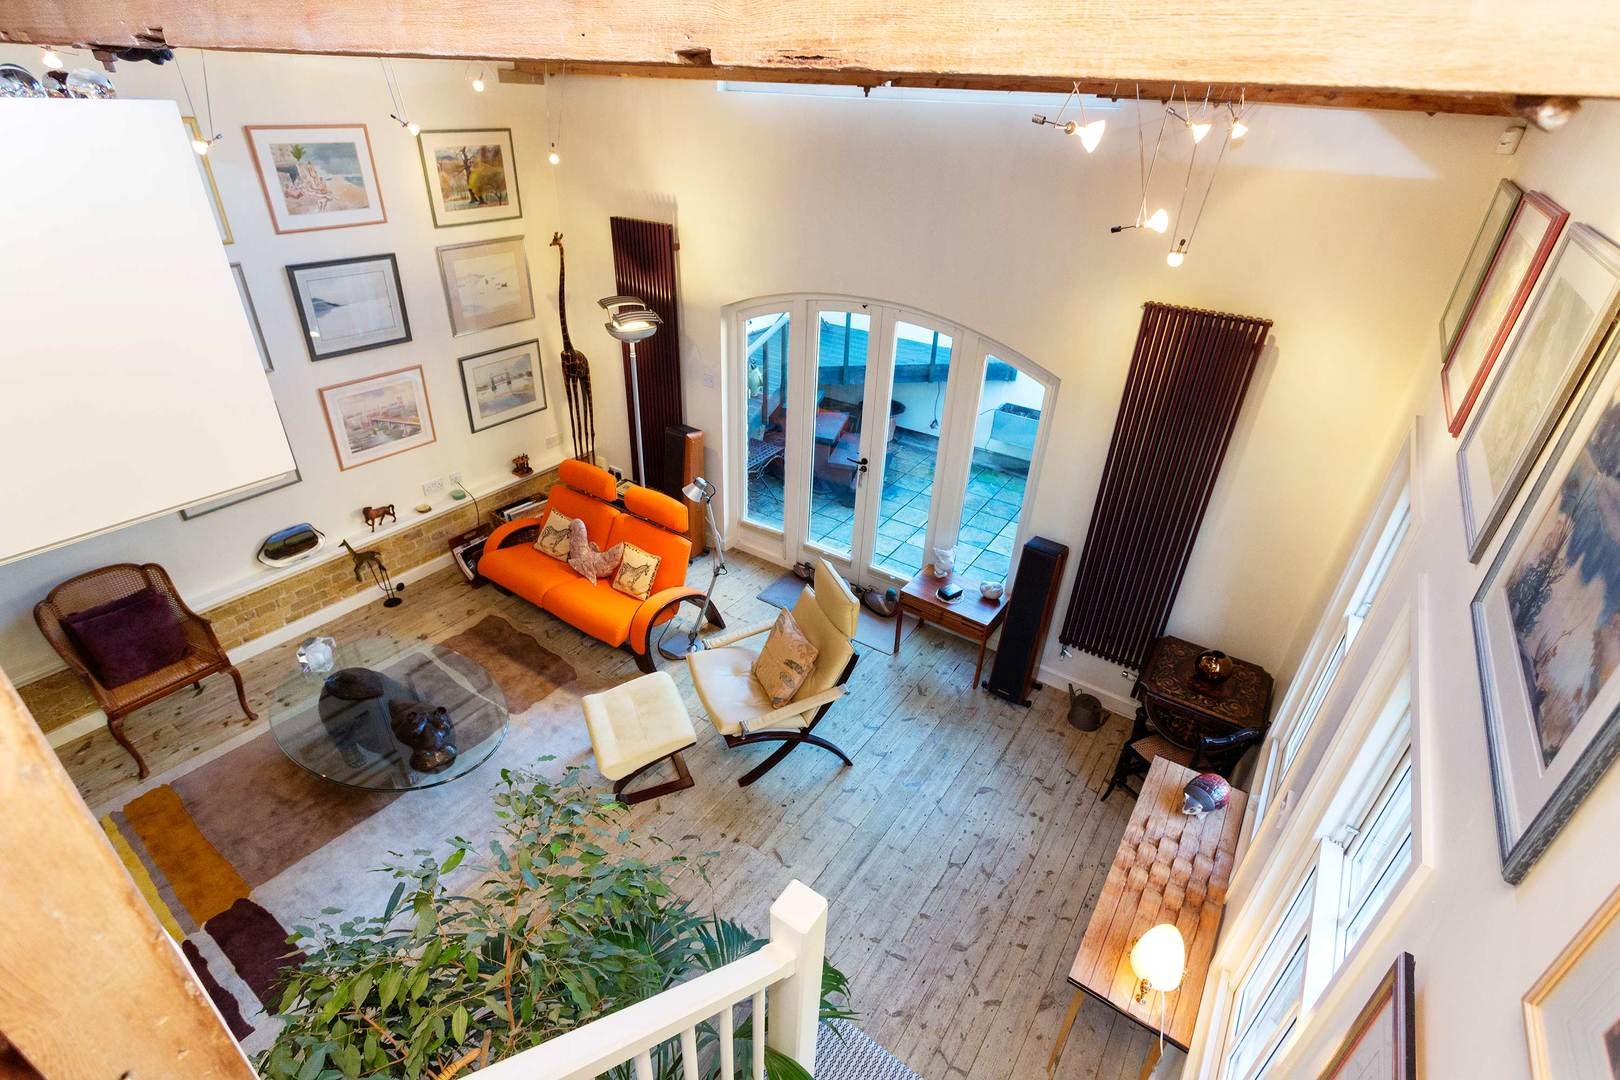 stables mews 3 bed house in london bridge u2022 veeve rh veeve com